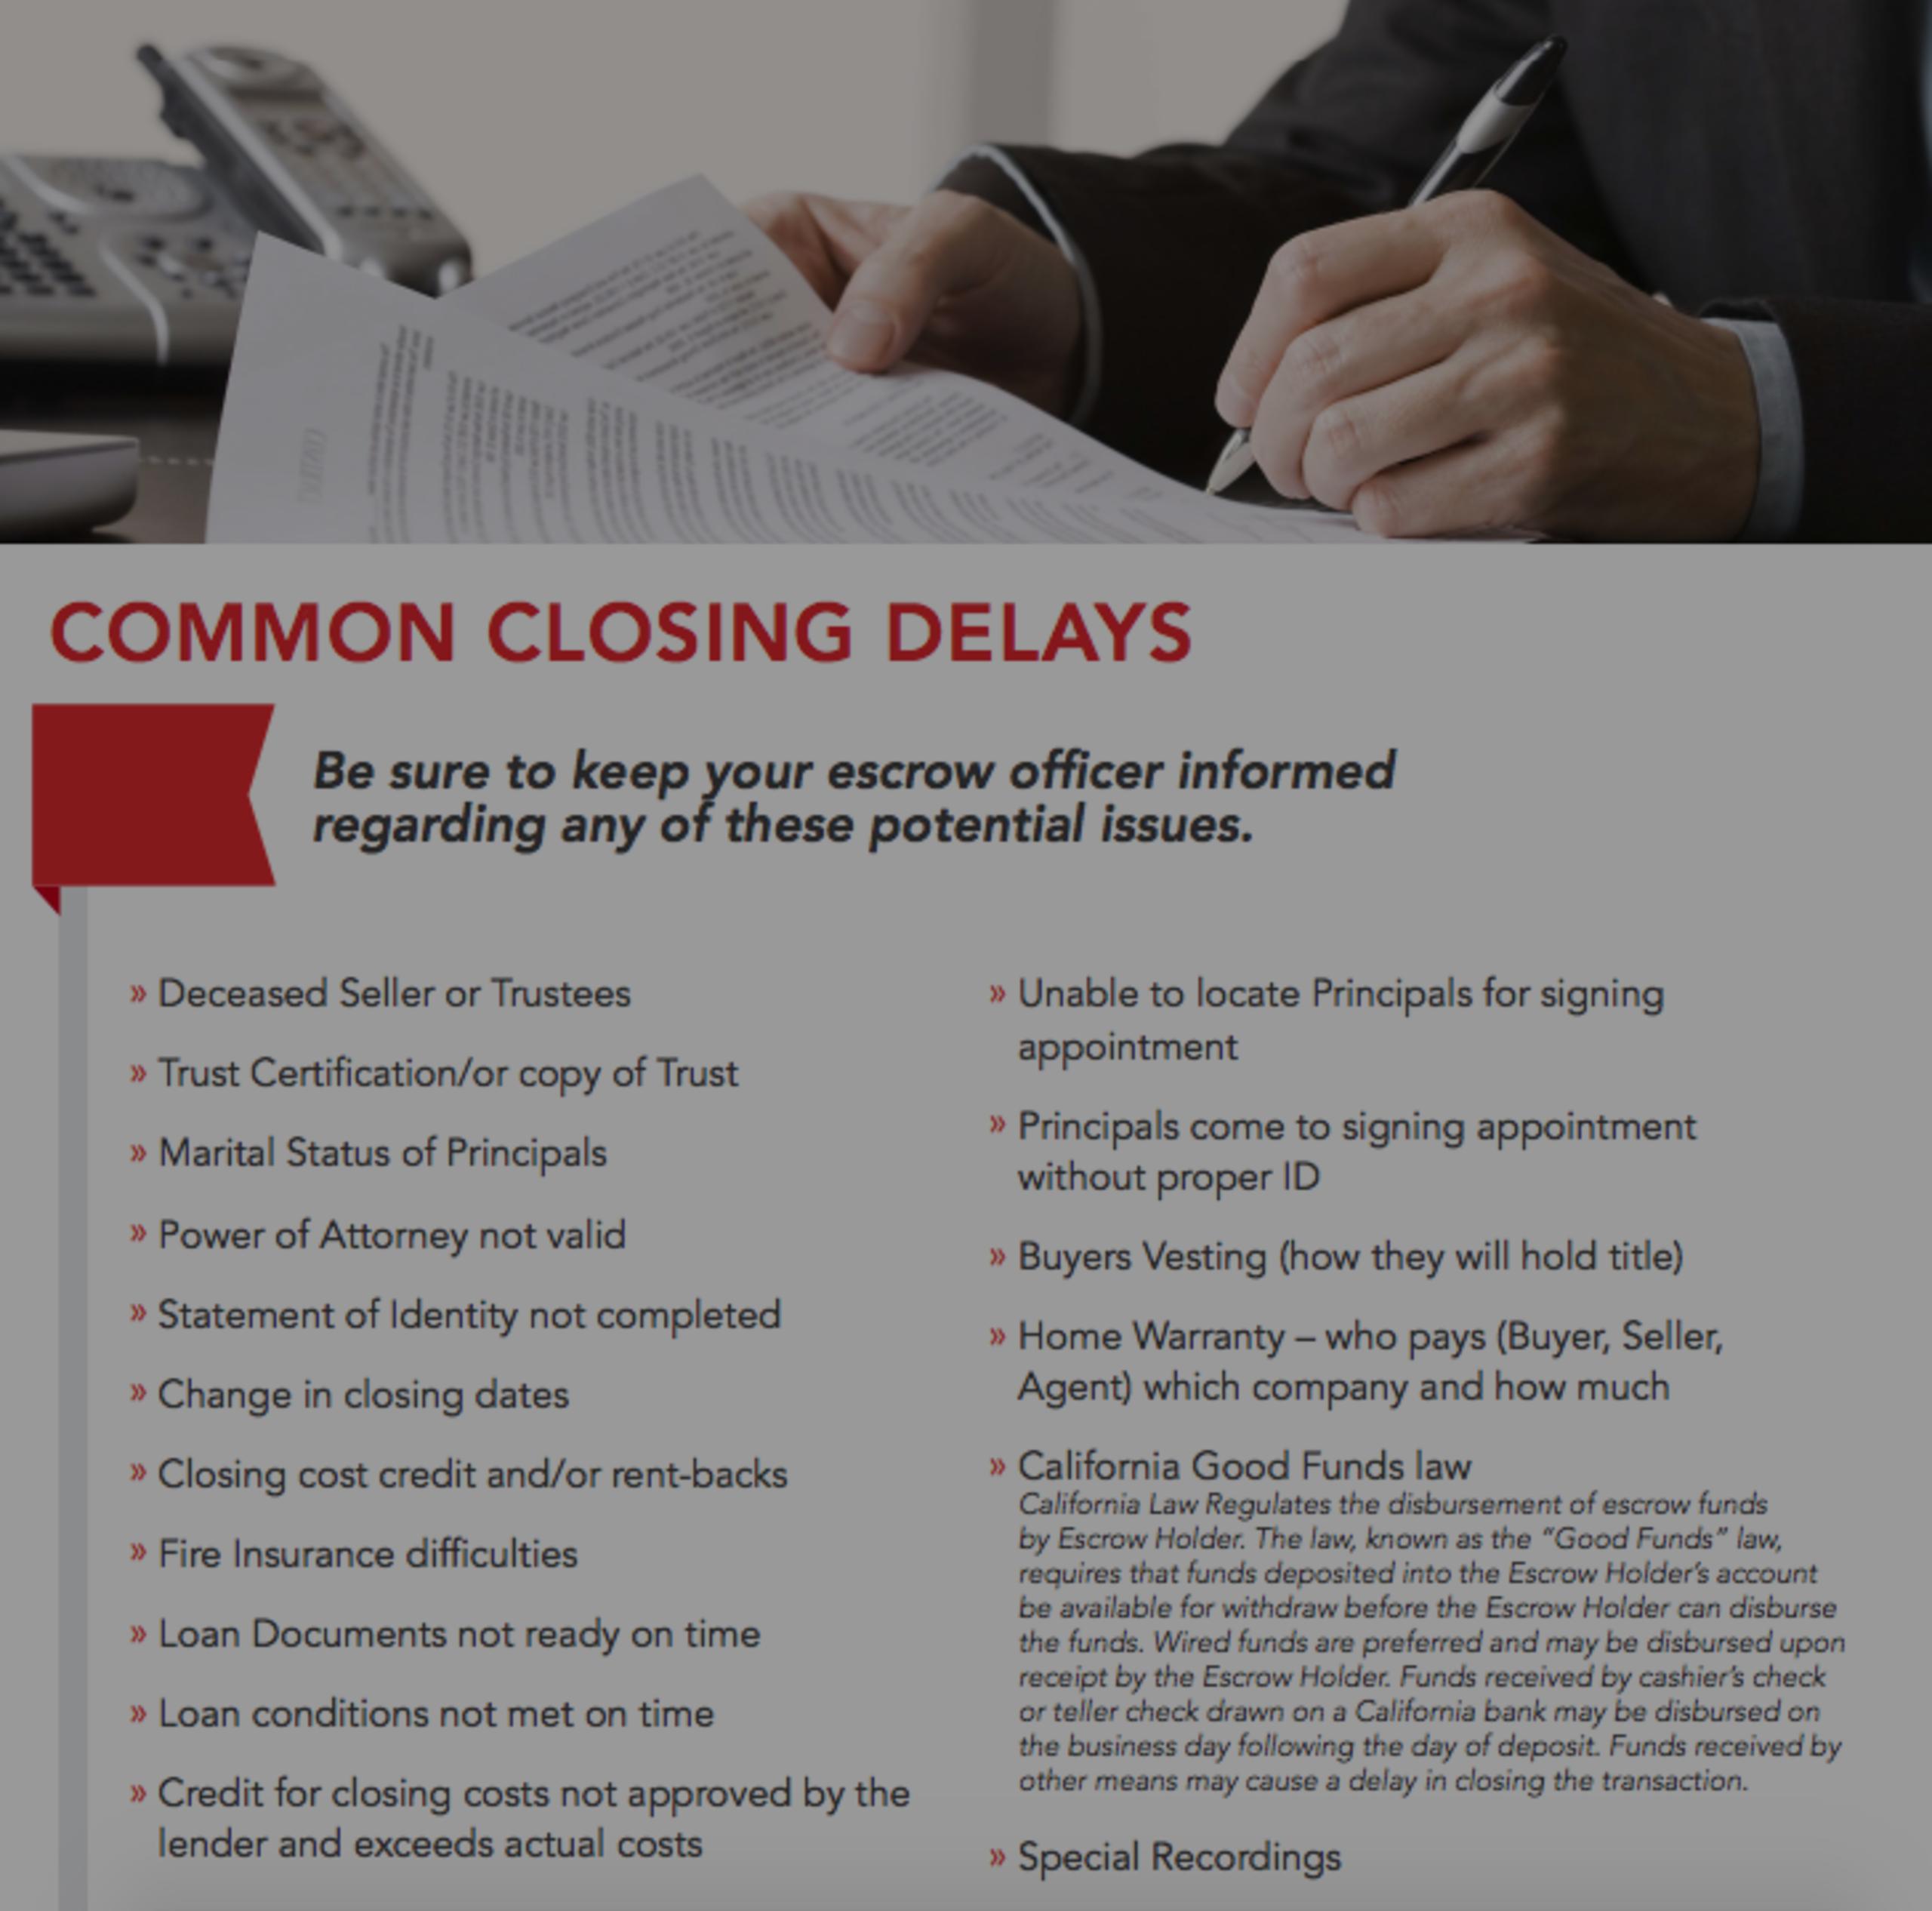 Common Closing Delays!